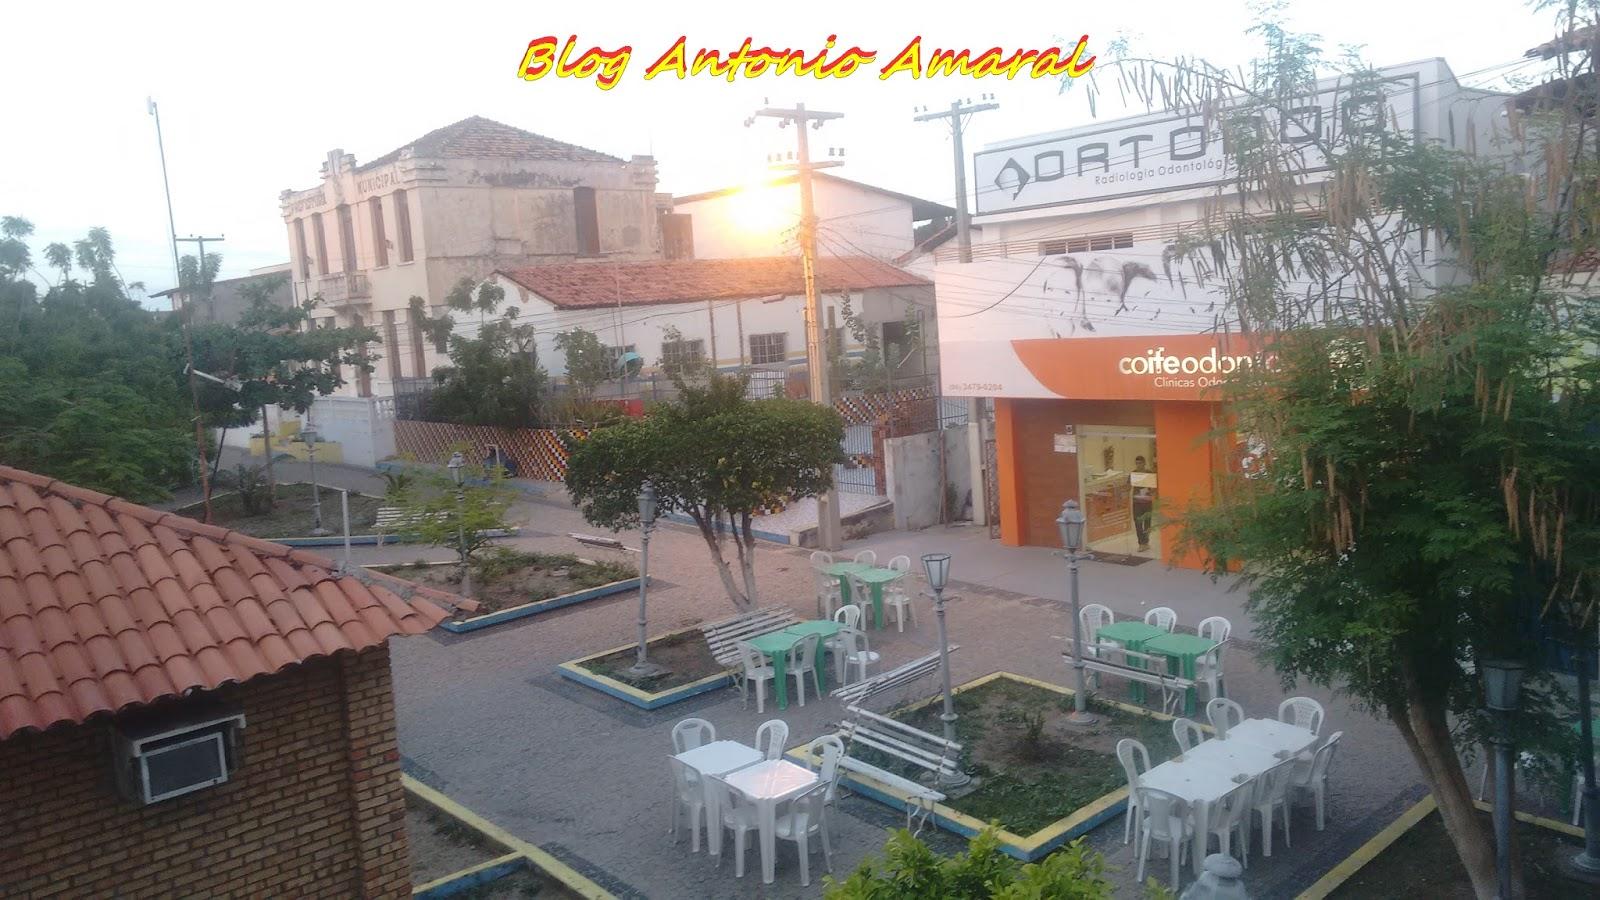 Blog Antonio Amaral  Imagens do dia em Tutoia... Praça Getúlio ... ff5b19a428c71